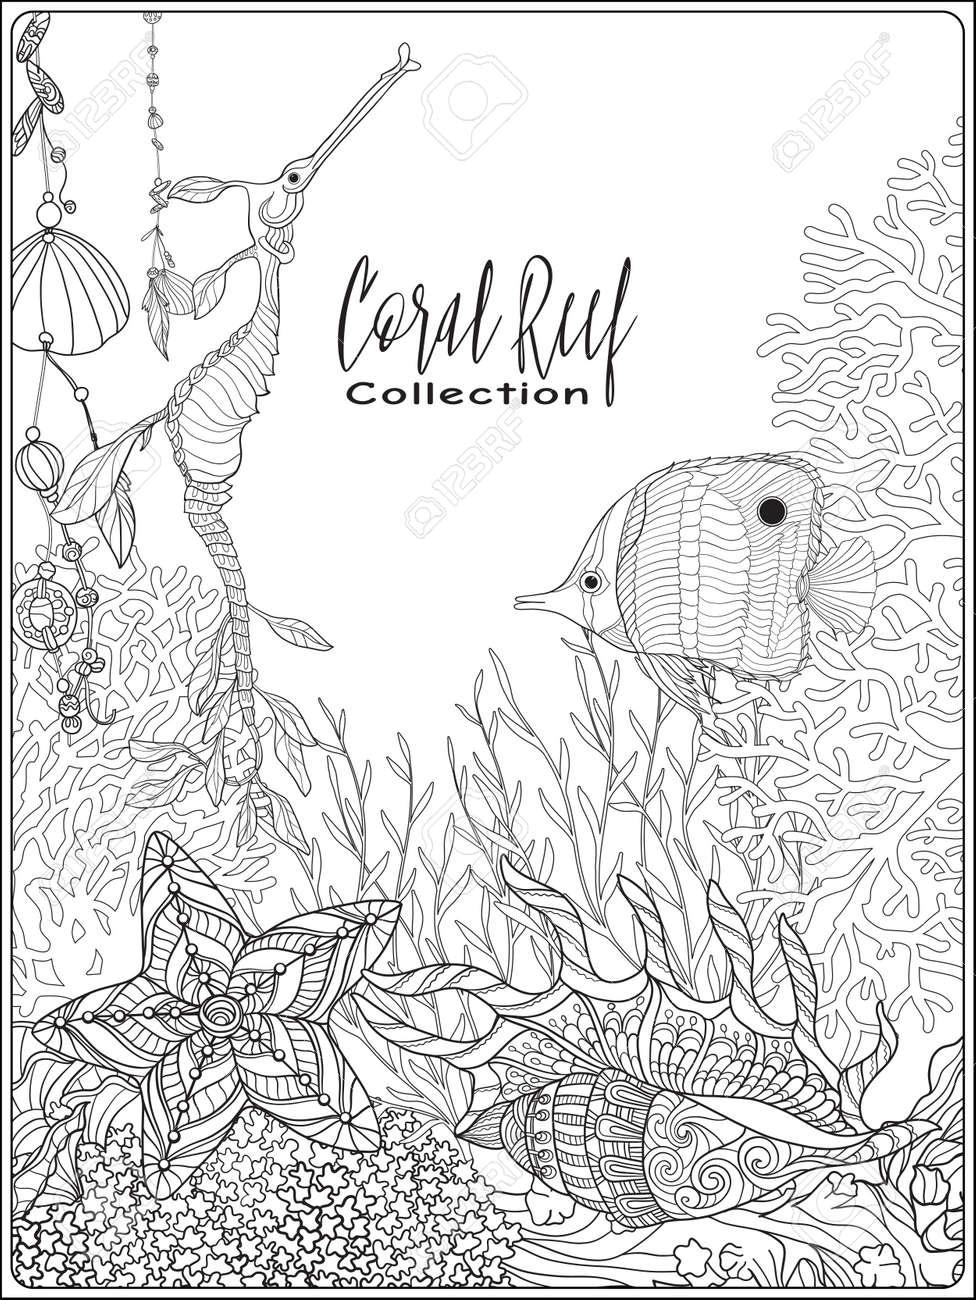 Korallenriff-Sammlung. Korallen, Fische Und Muscheln Auf Der ...